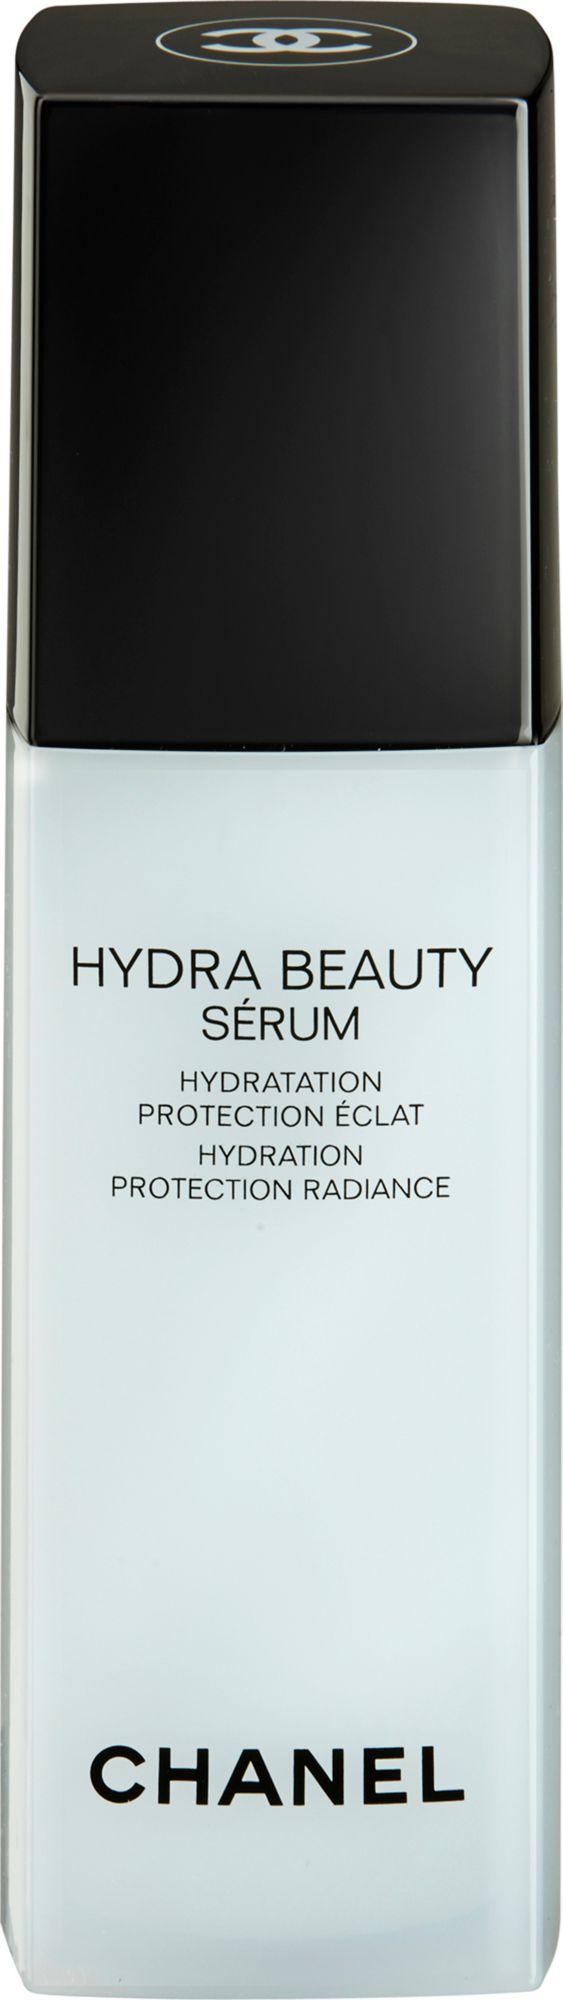 CHANEL Chanel, »Hydra Beauty Sérum«, Gesichtsserum